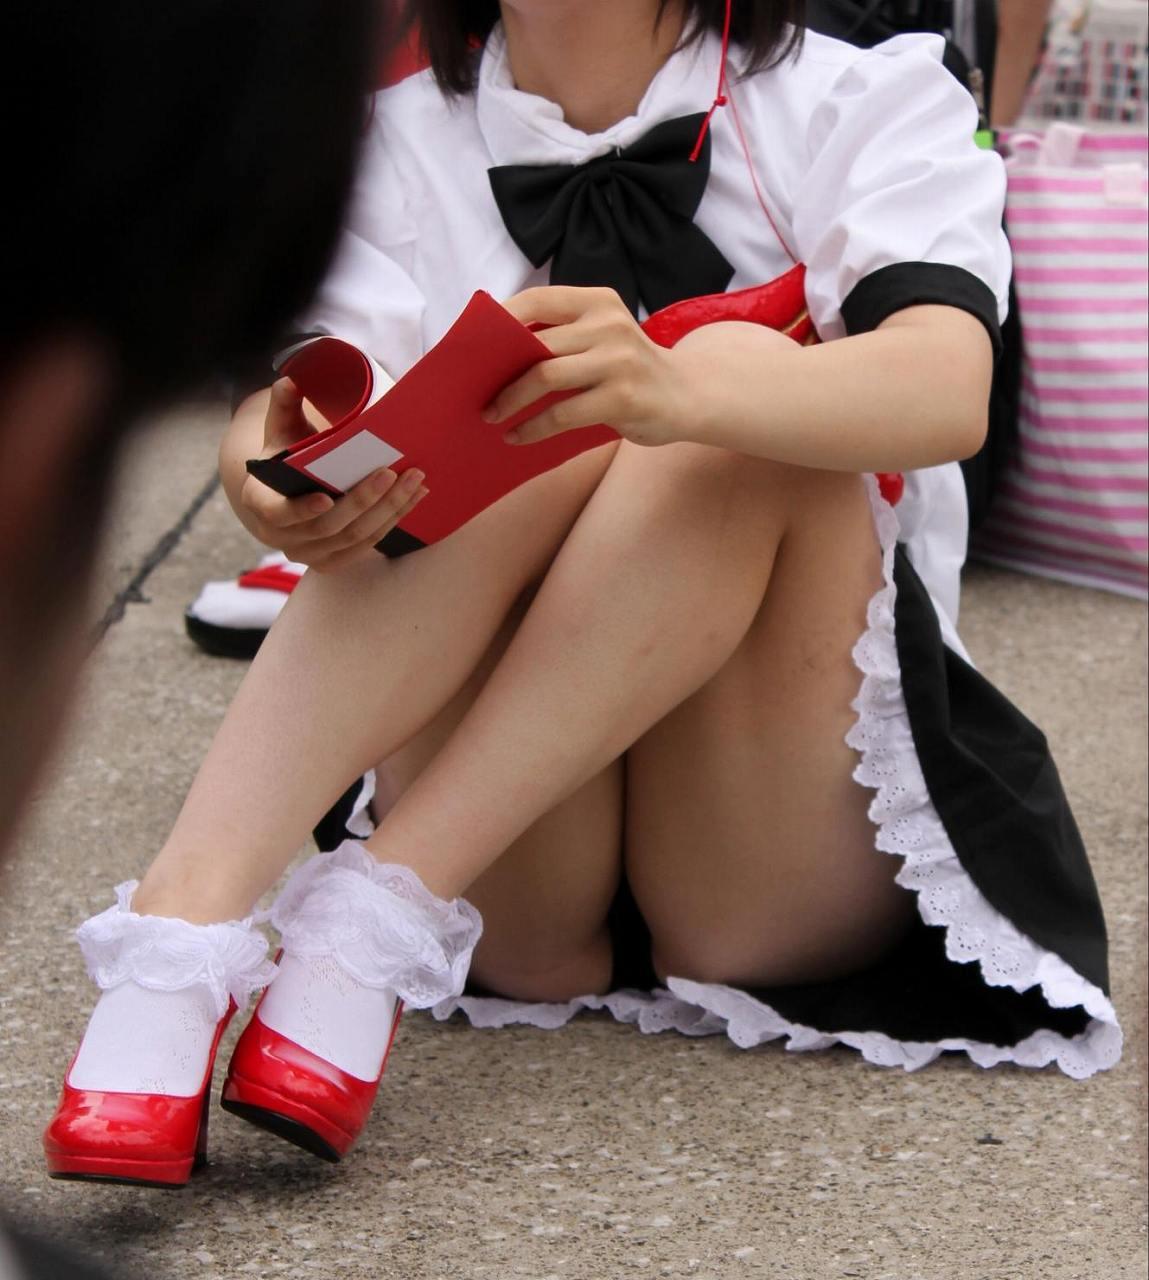 【コスプレエロ画像】パンツ無いから問題ないらしくてもやはり卑猥でしかないコスプレイヤーのパンモロwww  03